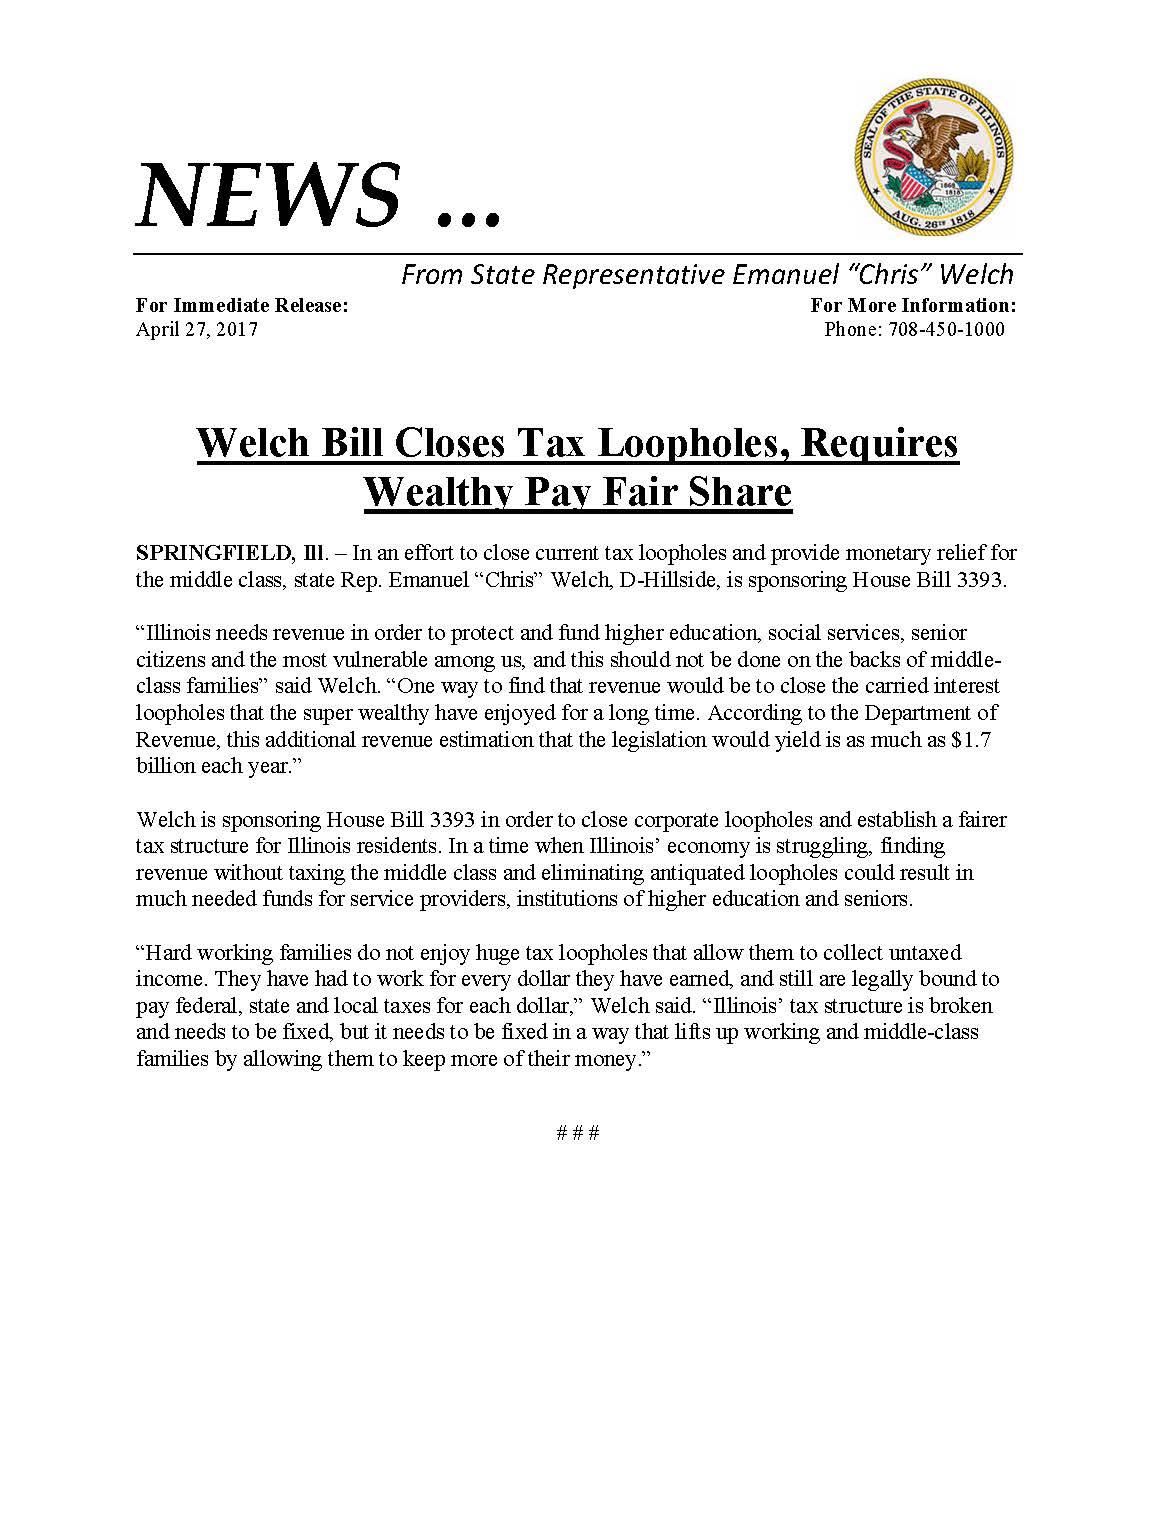 Welch Bill Closes Tax Loopholes  (April 27, 2017)